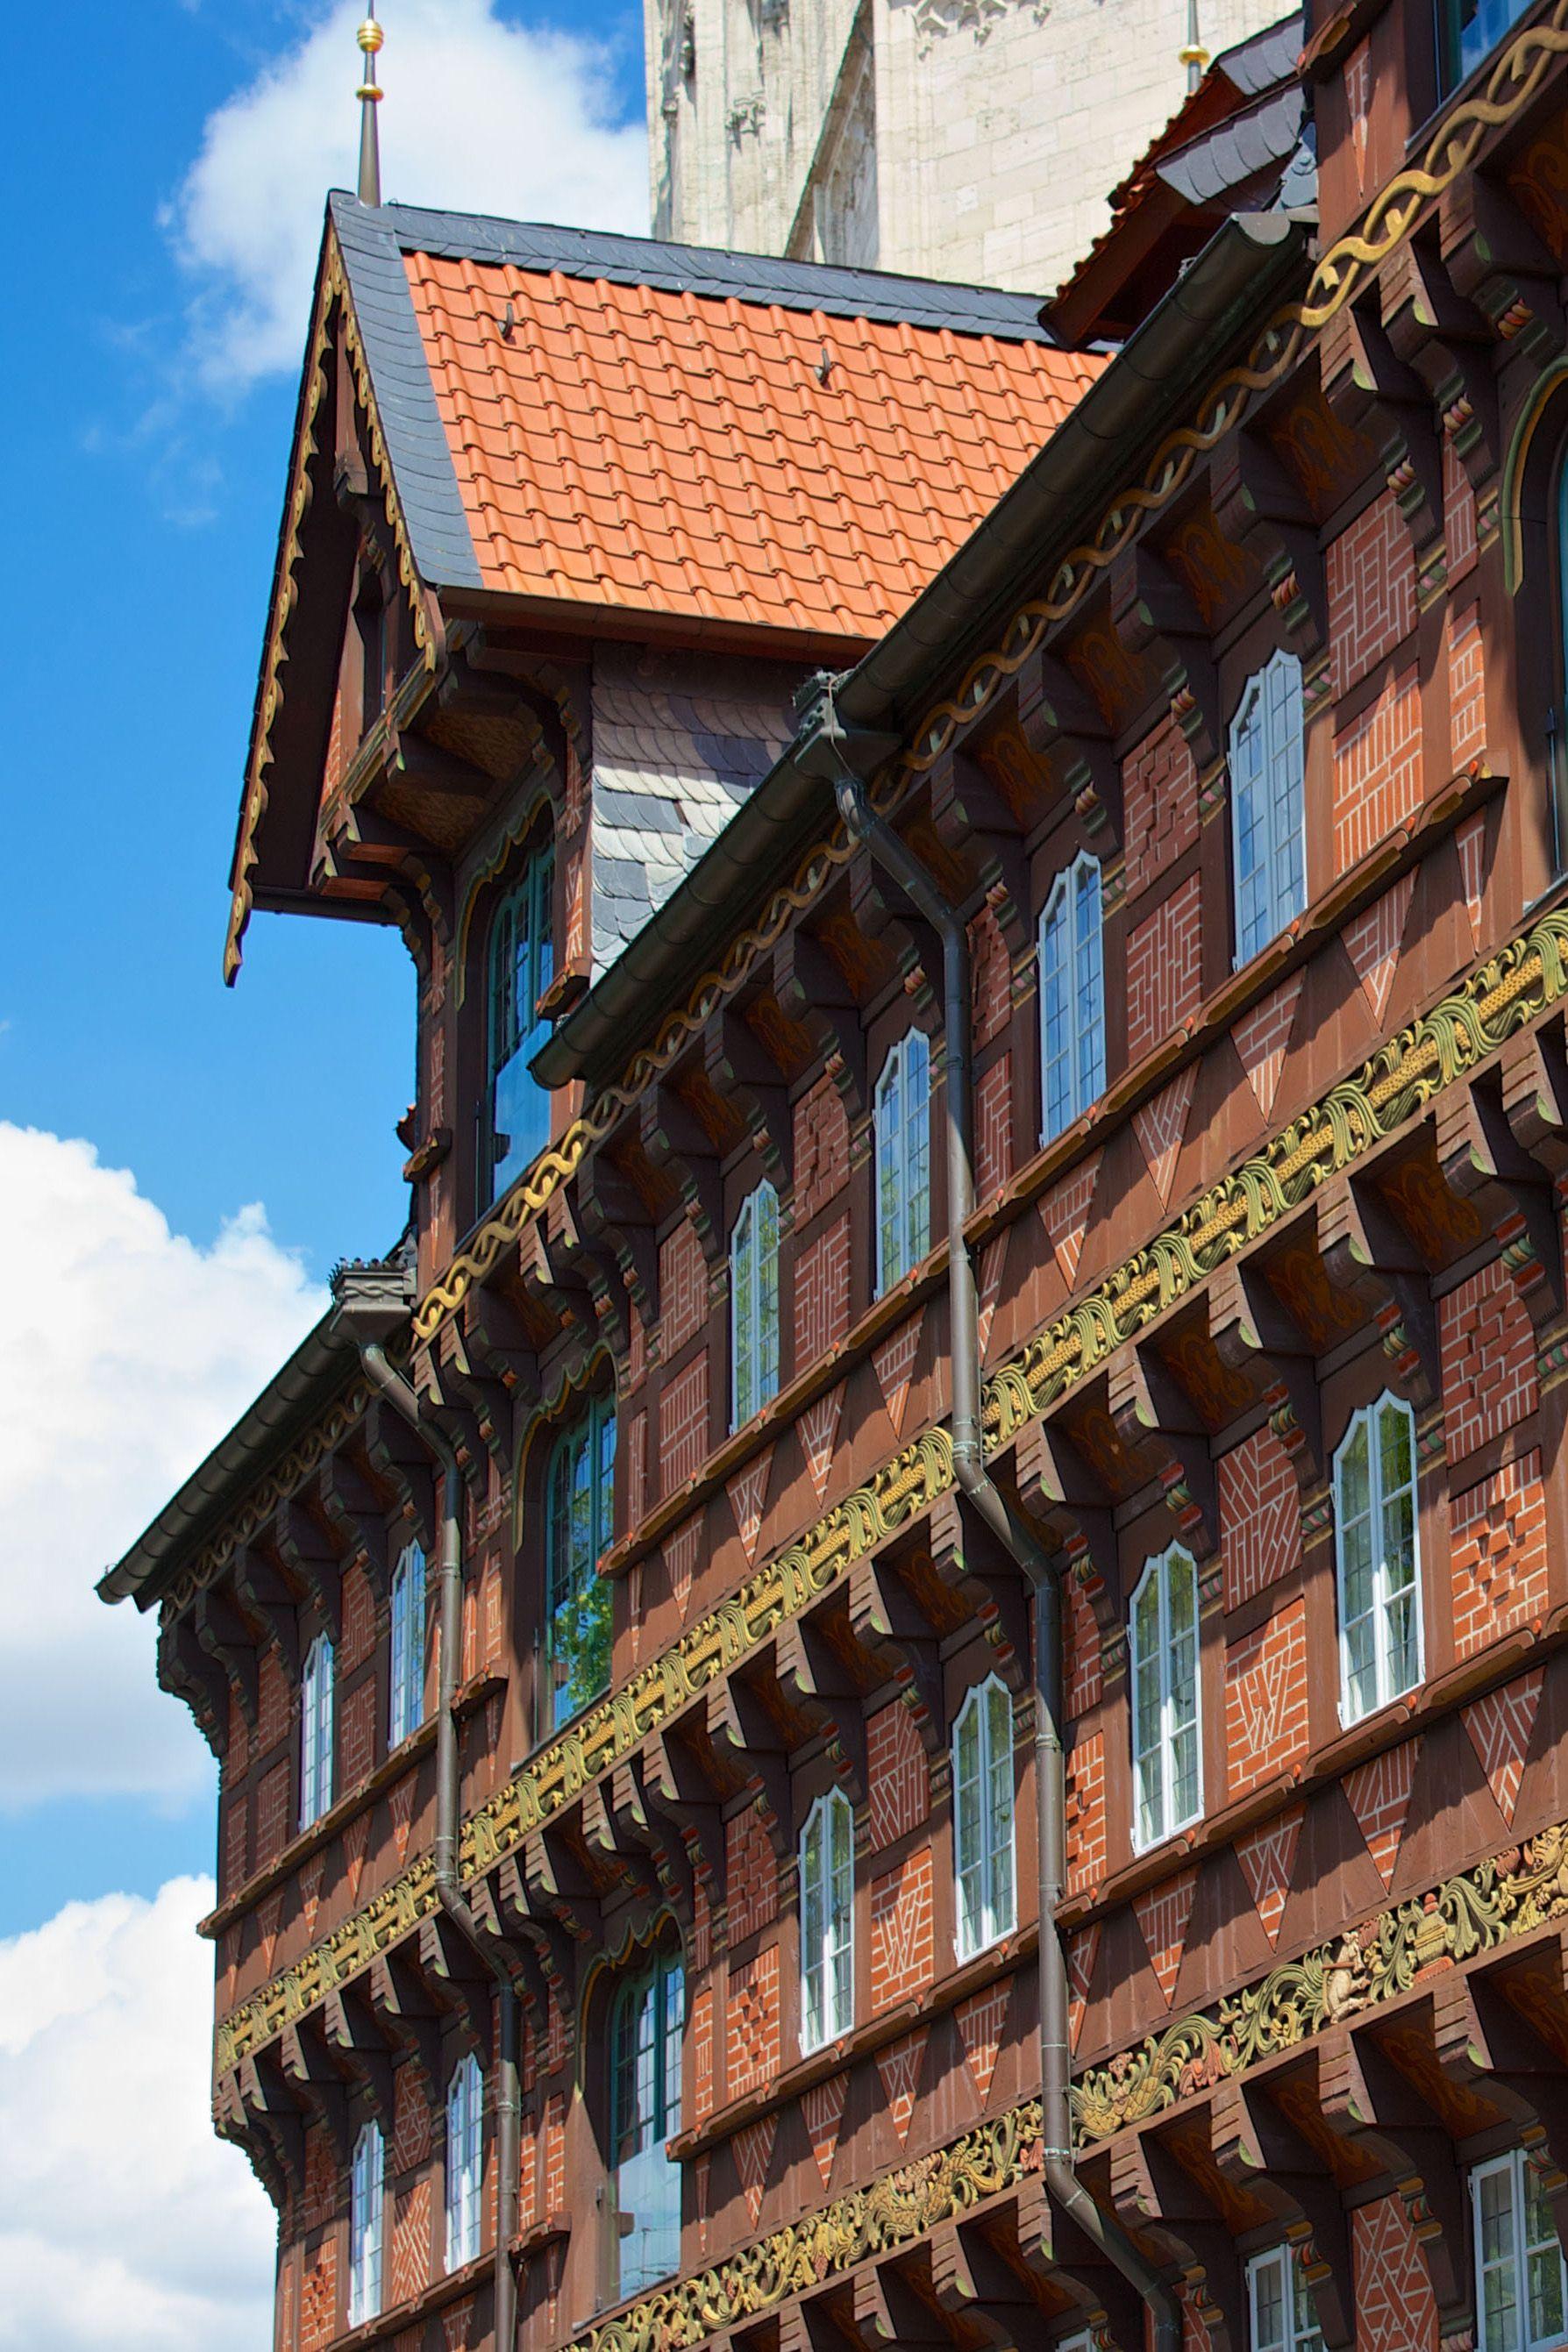 20 Braunschweiger Fachwerk Ideen   magniviertel, fachwerkbau, fachwerk